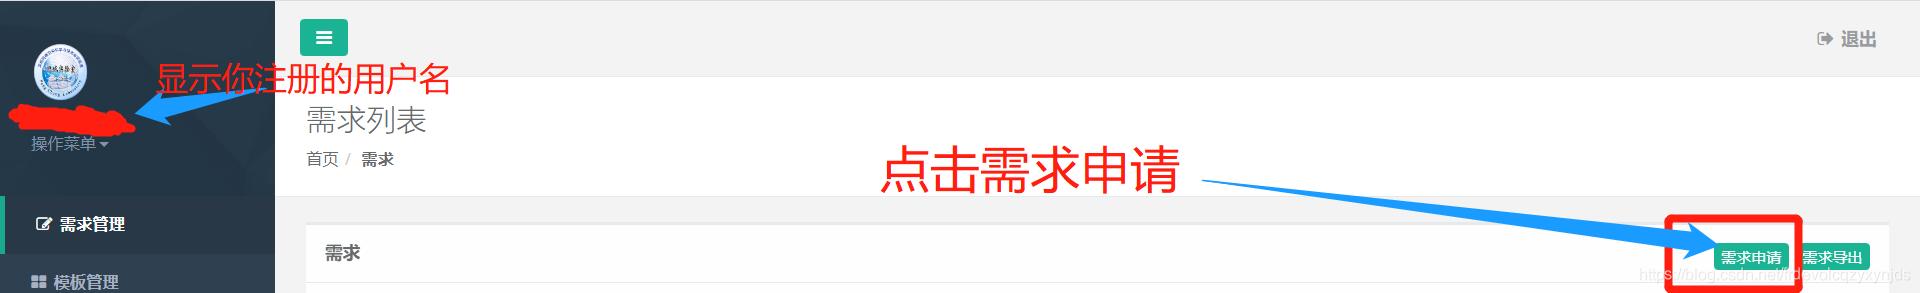 鲲鹏arm64 CentOS7  虚拟机学习5